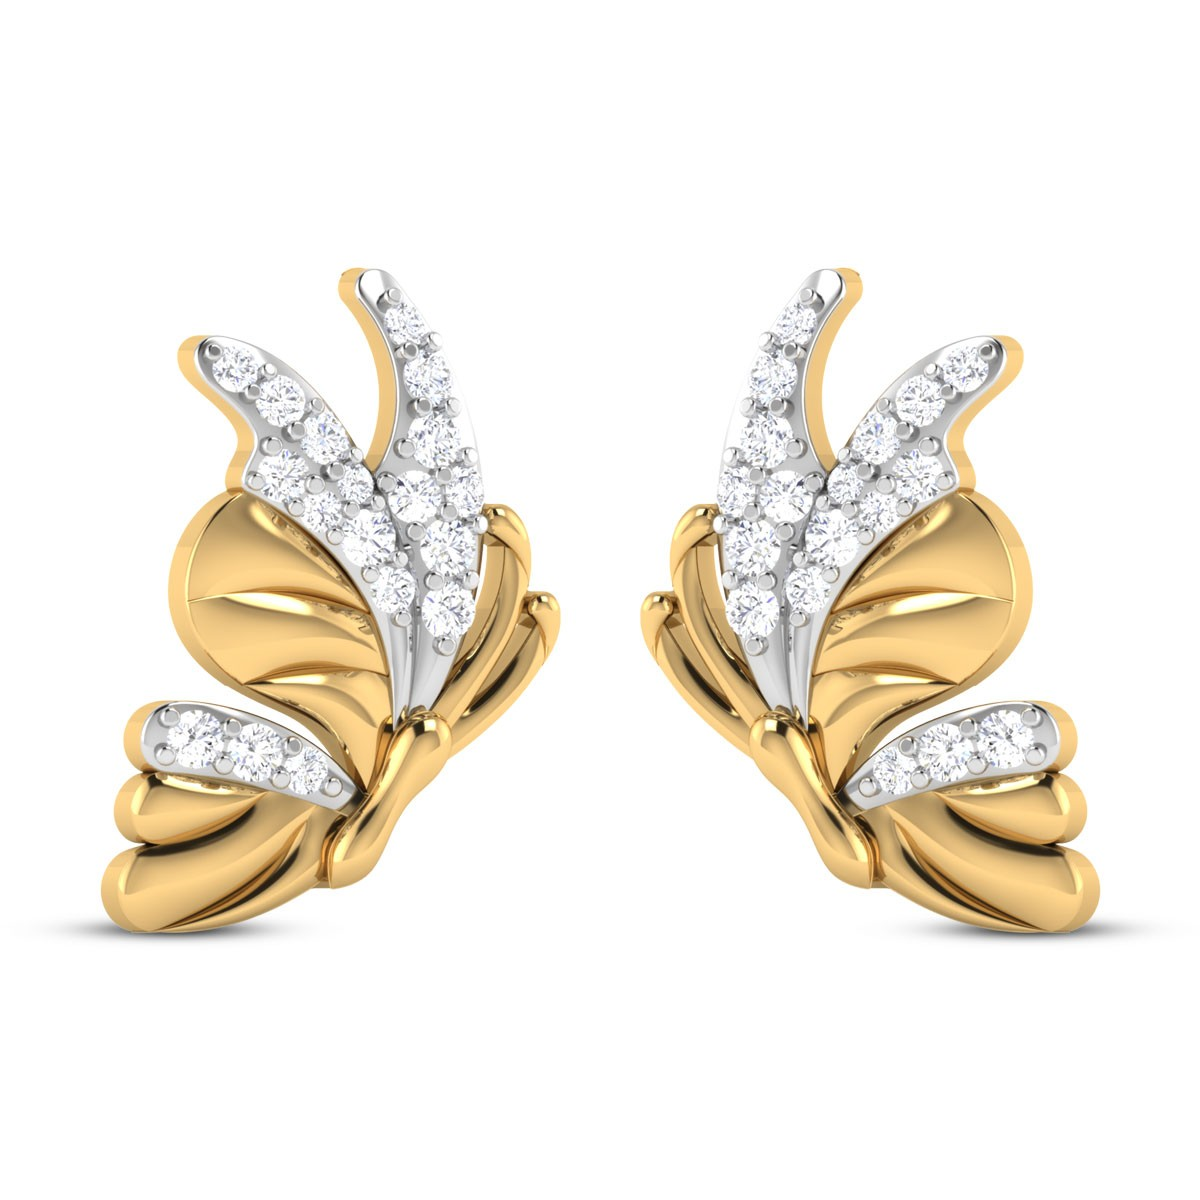 Jodelle Butterfly Diamond Stud Earrings